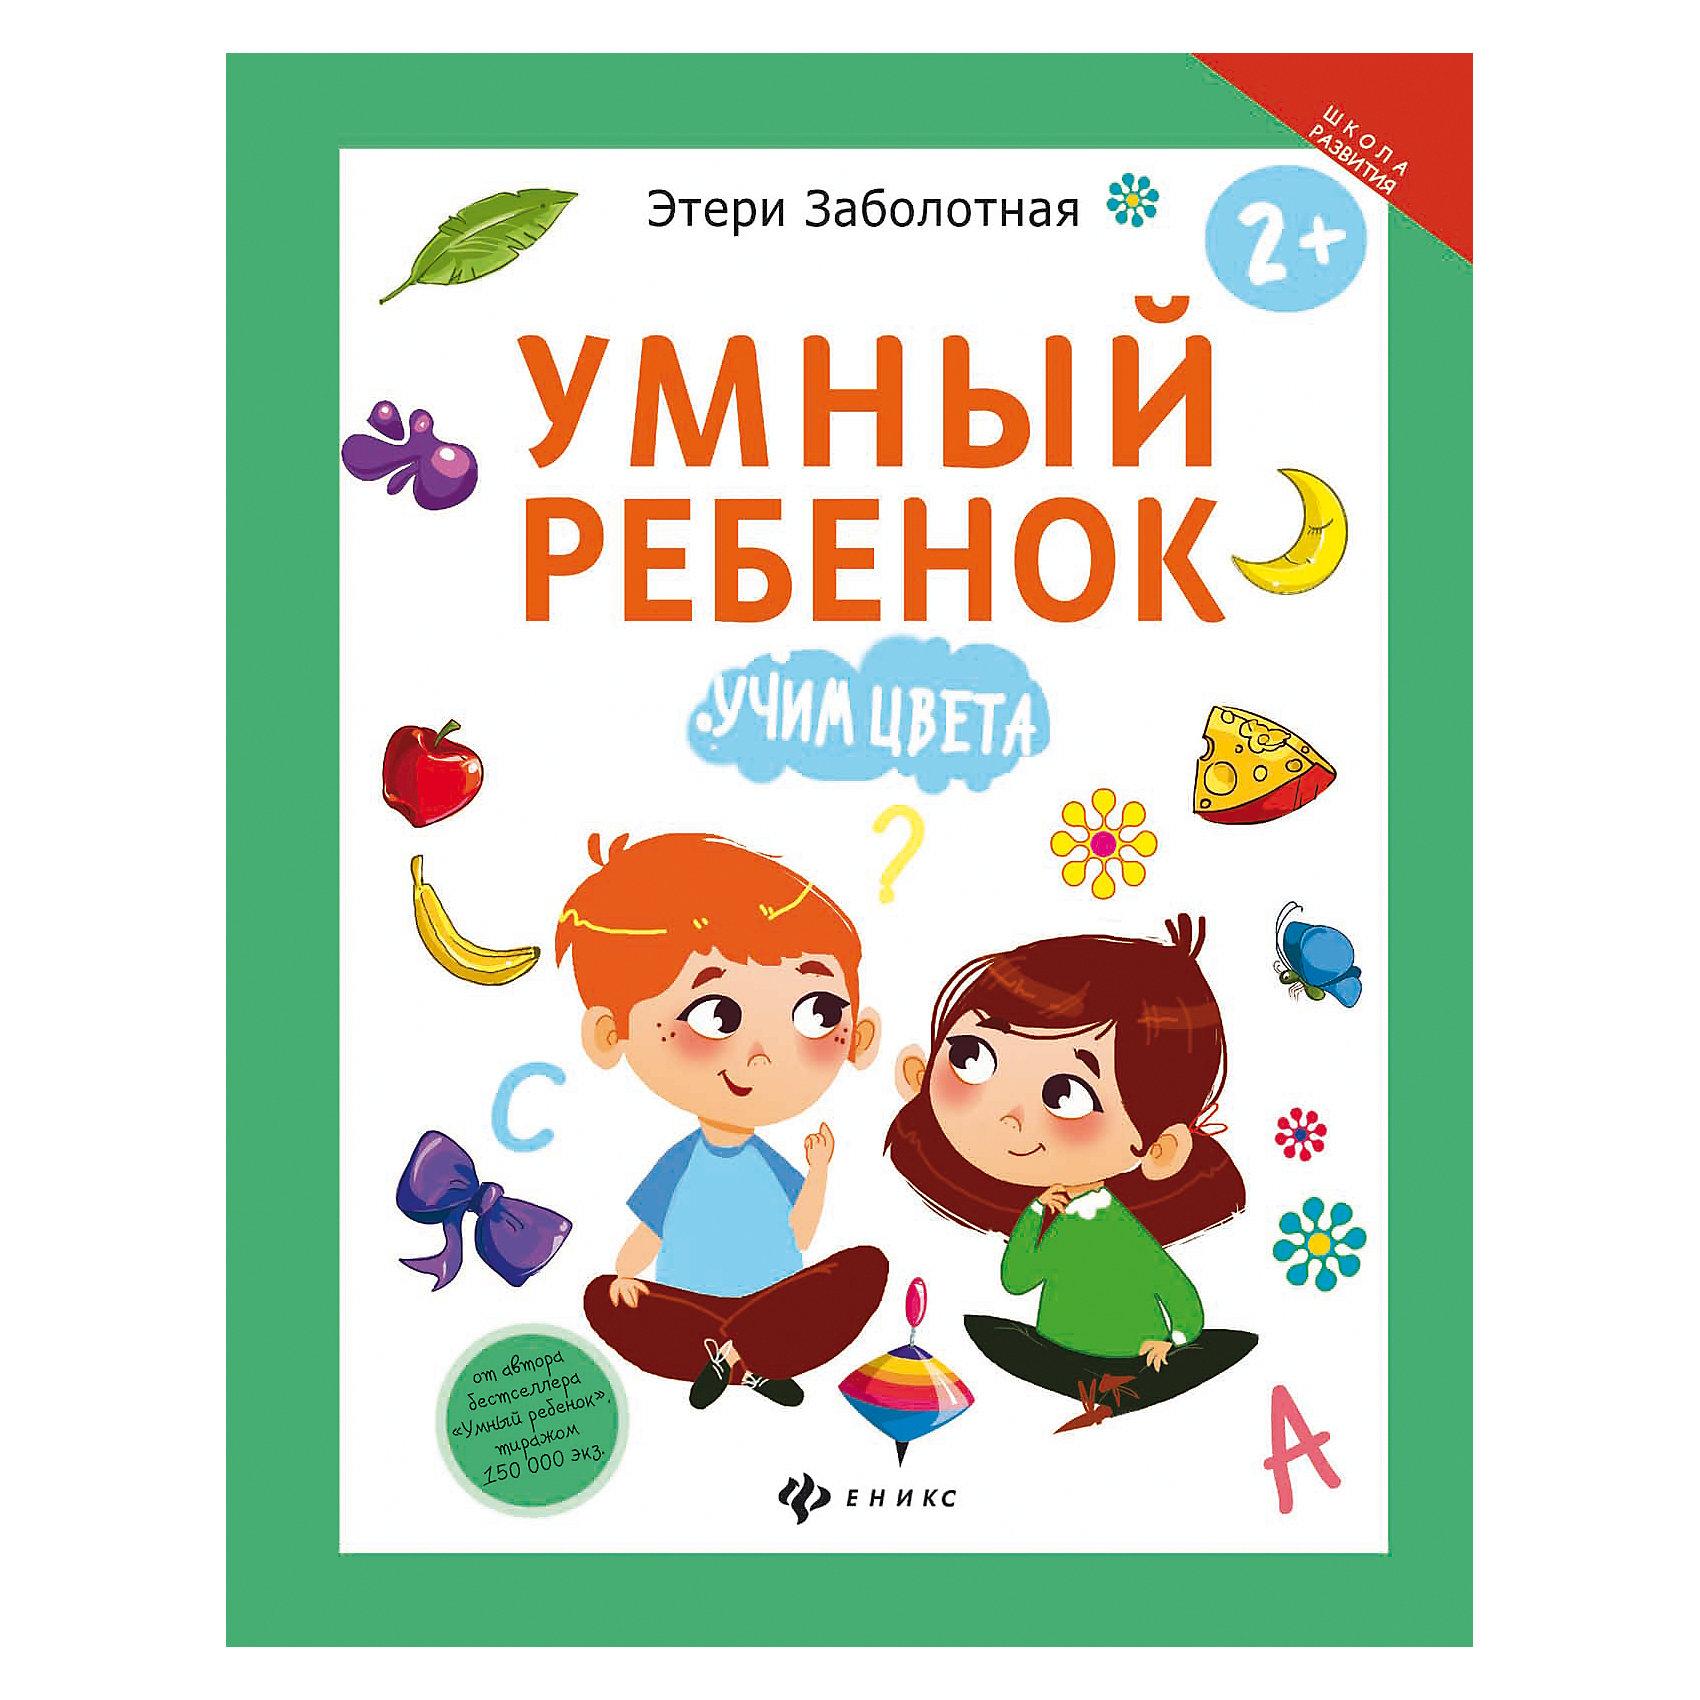 Умный ребенок: учим цветаИзучаем цвета и формы<br>Книга Умный ребенок: учим цвета<br><br>Характеристики:<br><br>• количество страниц: 16<br>• иллюстрации: цветные<br>• тип обложки: мягкая<br>• ISBN: 978-5-222-27924-3<br>• автор: Заболотная Этери<br>• издательство: Феникс<br>• размер: 20х26 см<br>• материал: бумага<br><br>Умный ребенок: учим цвета - занимательное развивающее пособие для детей от двух лет. Книга поможет вам научить ребенка различать цвета и пополнить словарный запас в игровой форме. В книге вы найдете интересные упражнения, оформленные цветными иллюстрациями. Ребенку предстоит выполнять задания, раскрашивать и учиться сопоставлять предметы. Книга поможет развить цветовое восприятие, логическое  мышление и мелкую моторику. Рекомендуемое время одного занятия - 15-20 минут.<br><br>Книгу Умный ребенок: учим цвета вы можете купить в нашем интернет-магазине.<br><br>Ширина мм: 200<br>Глубина мм: 201<br>Высота мм: 260<br>Вес г: 520<br>Возраст от месяцев: 36<br>Возраст до месяцев: 2147483647<br>Пол: Унисекс<br>Возраст: Детский<br>SKU: 5518163